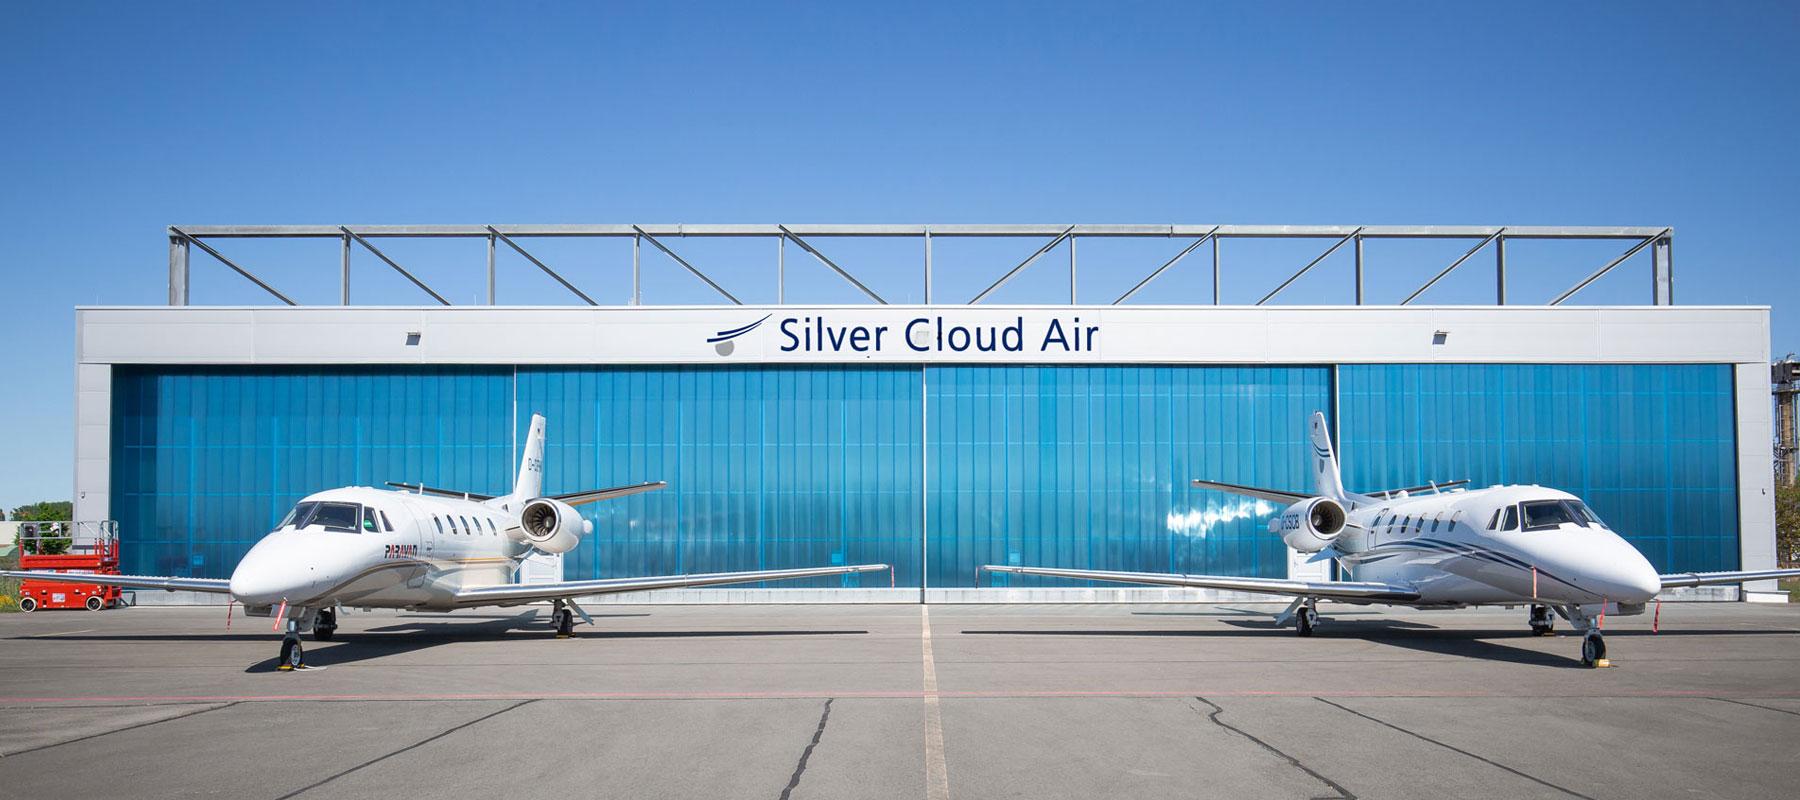 Silver Cloud Air - Hangar